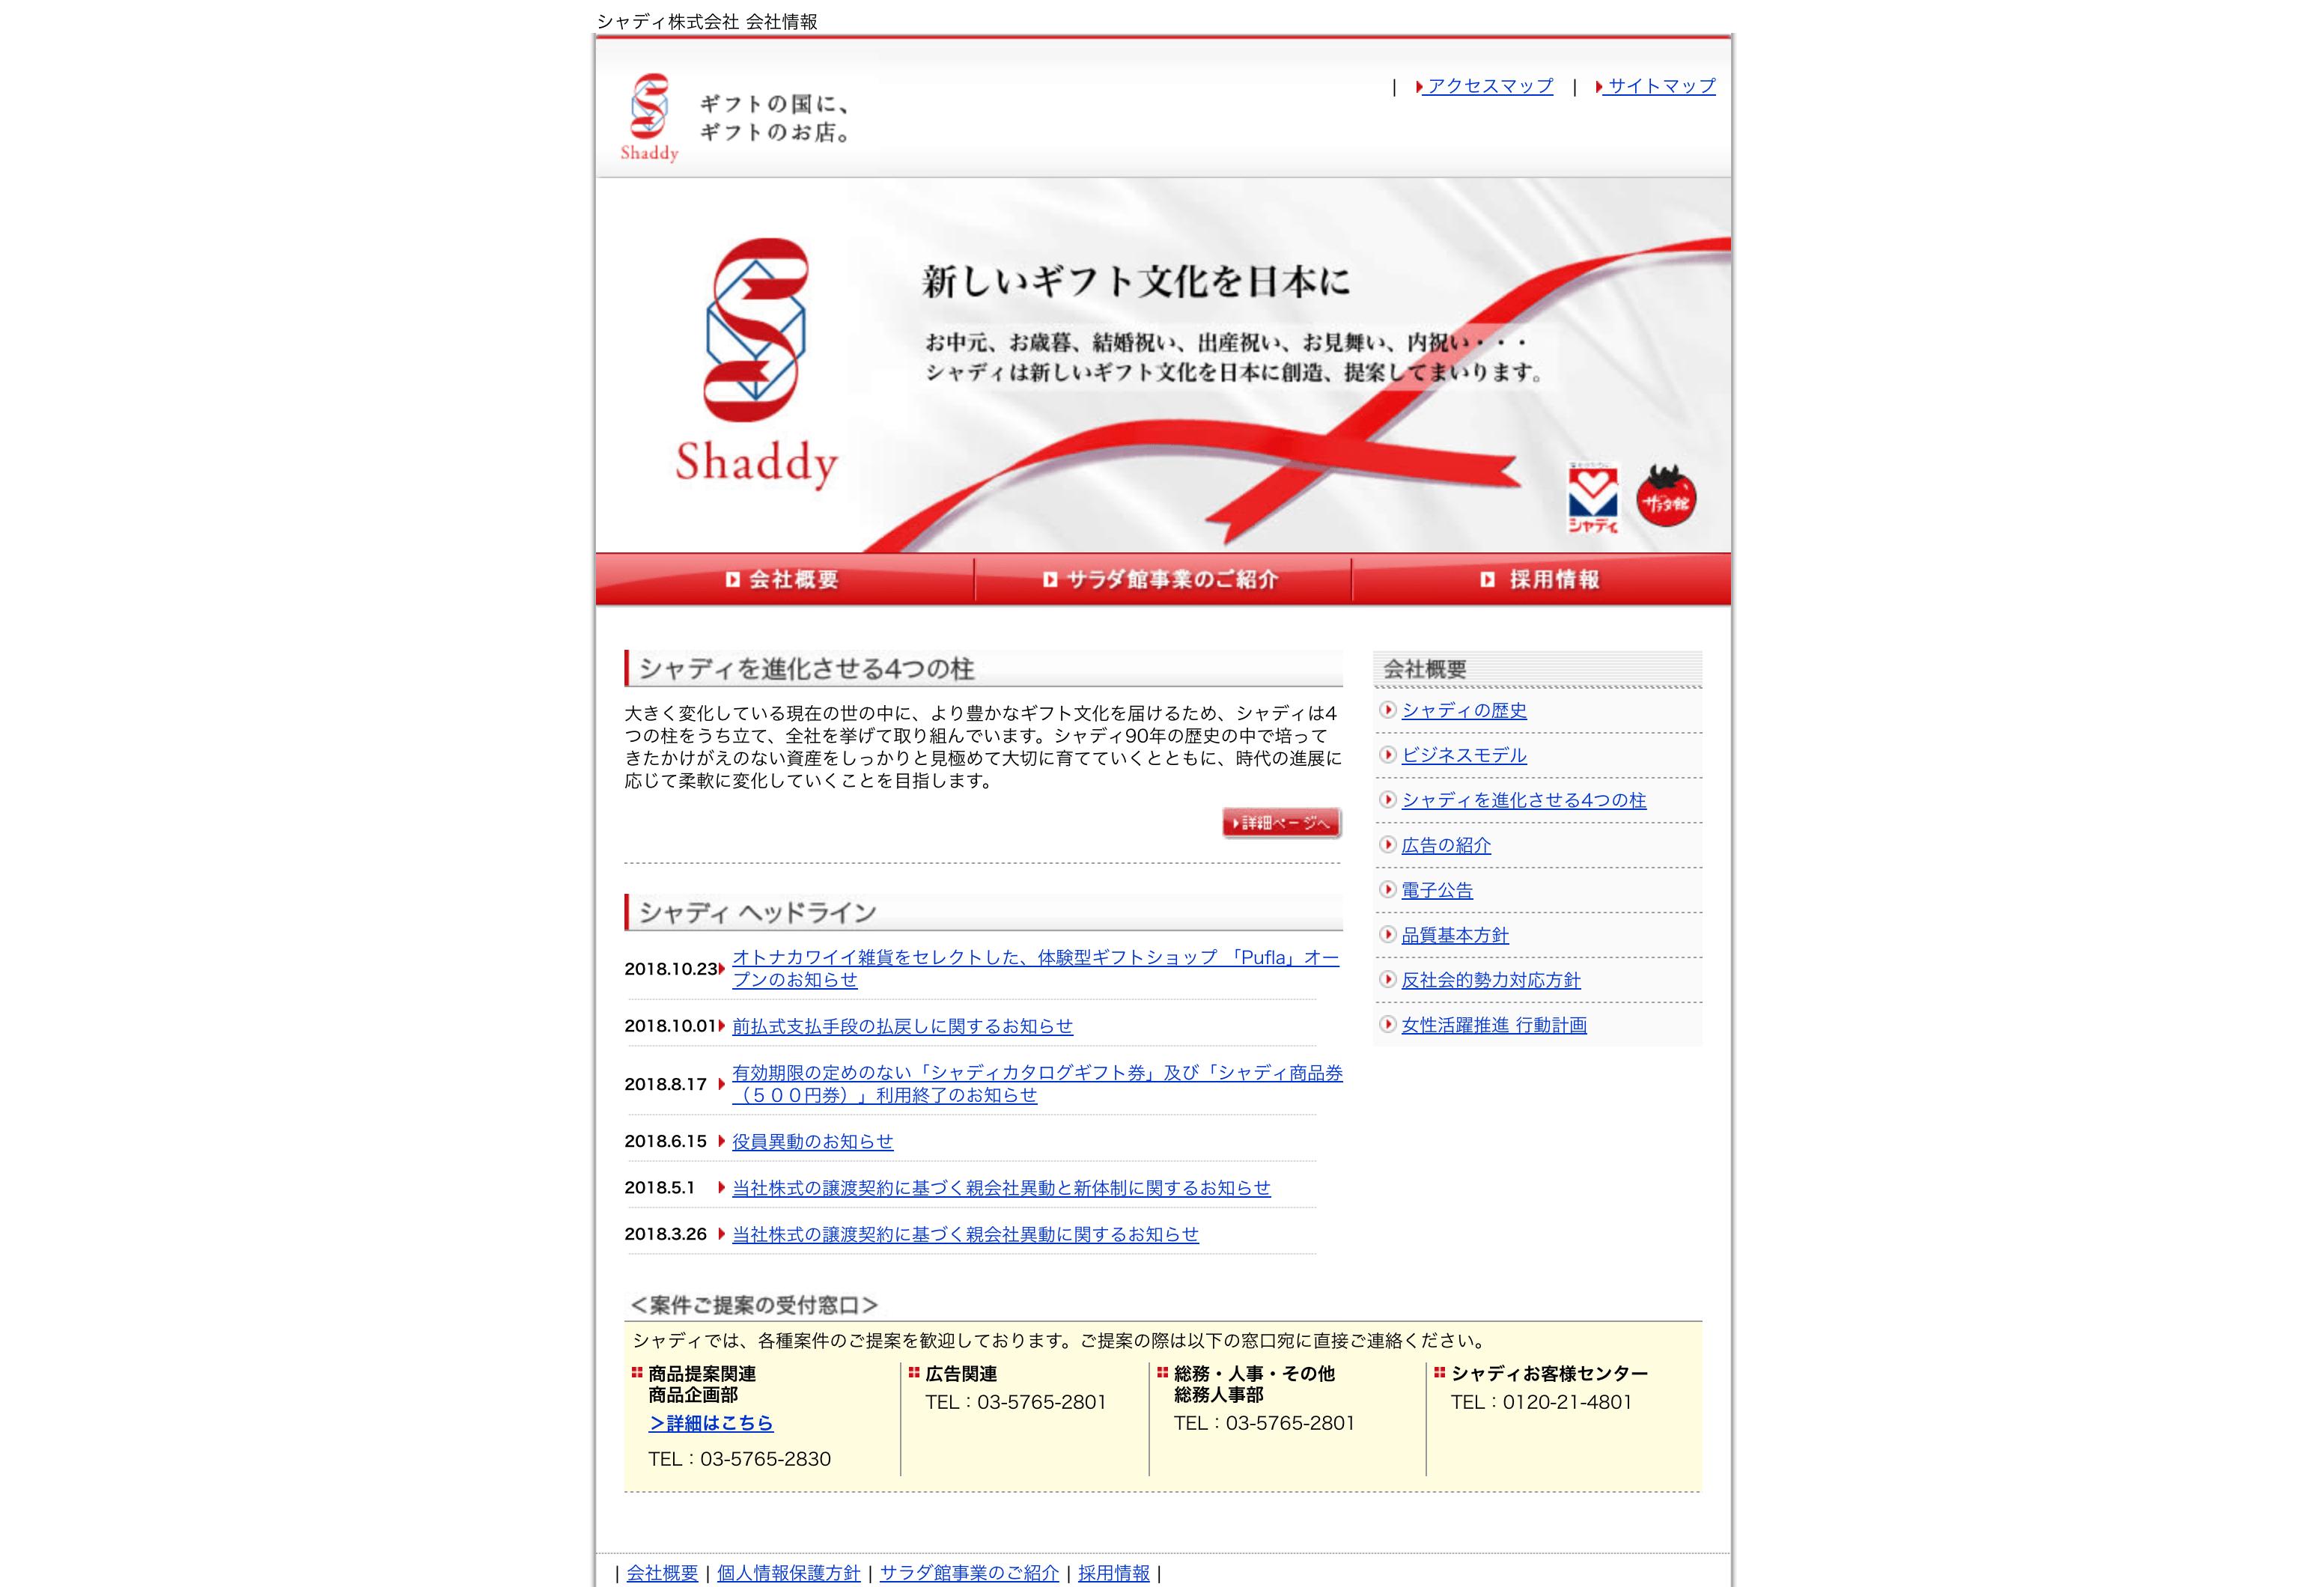 スクリーンショット 2018-12-10 15.45.03